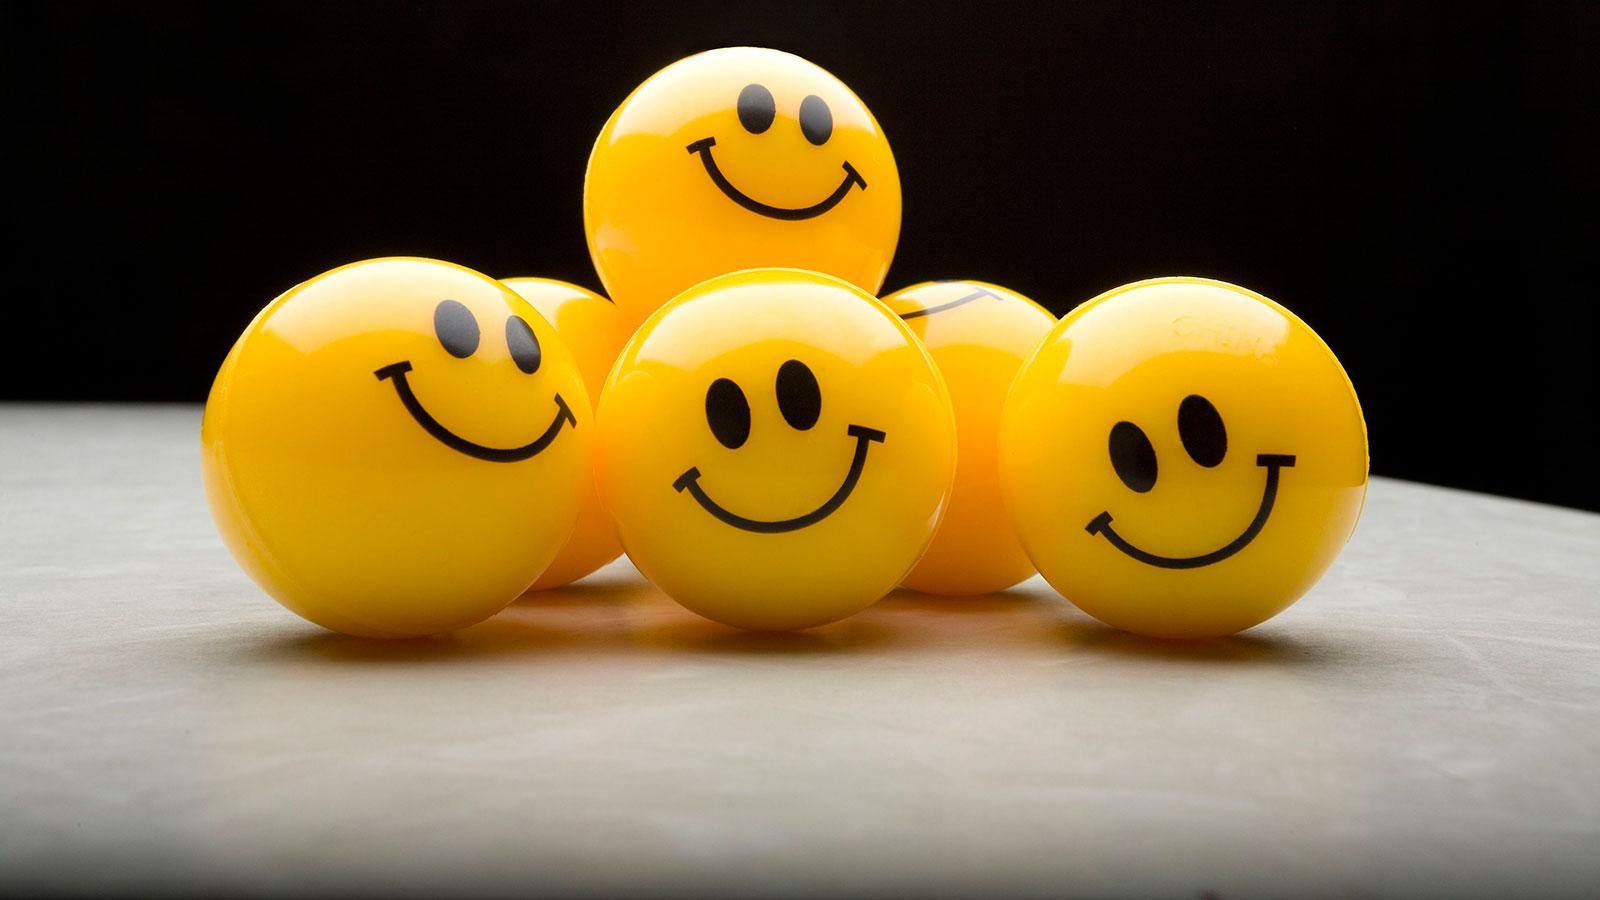 ¡Qué no decaiga! Hoy es el Día Internacional de la Felicidad